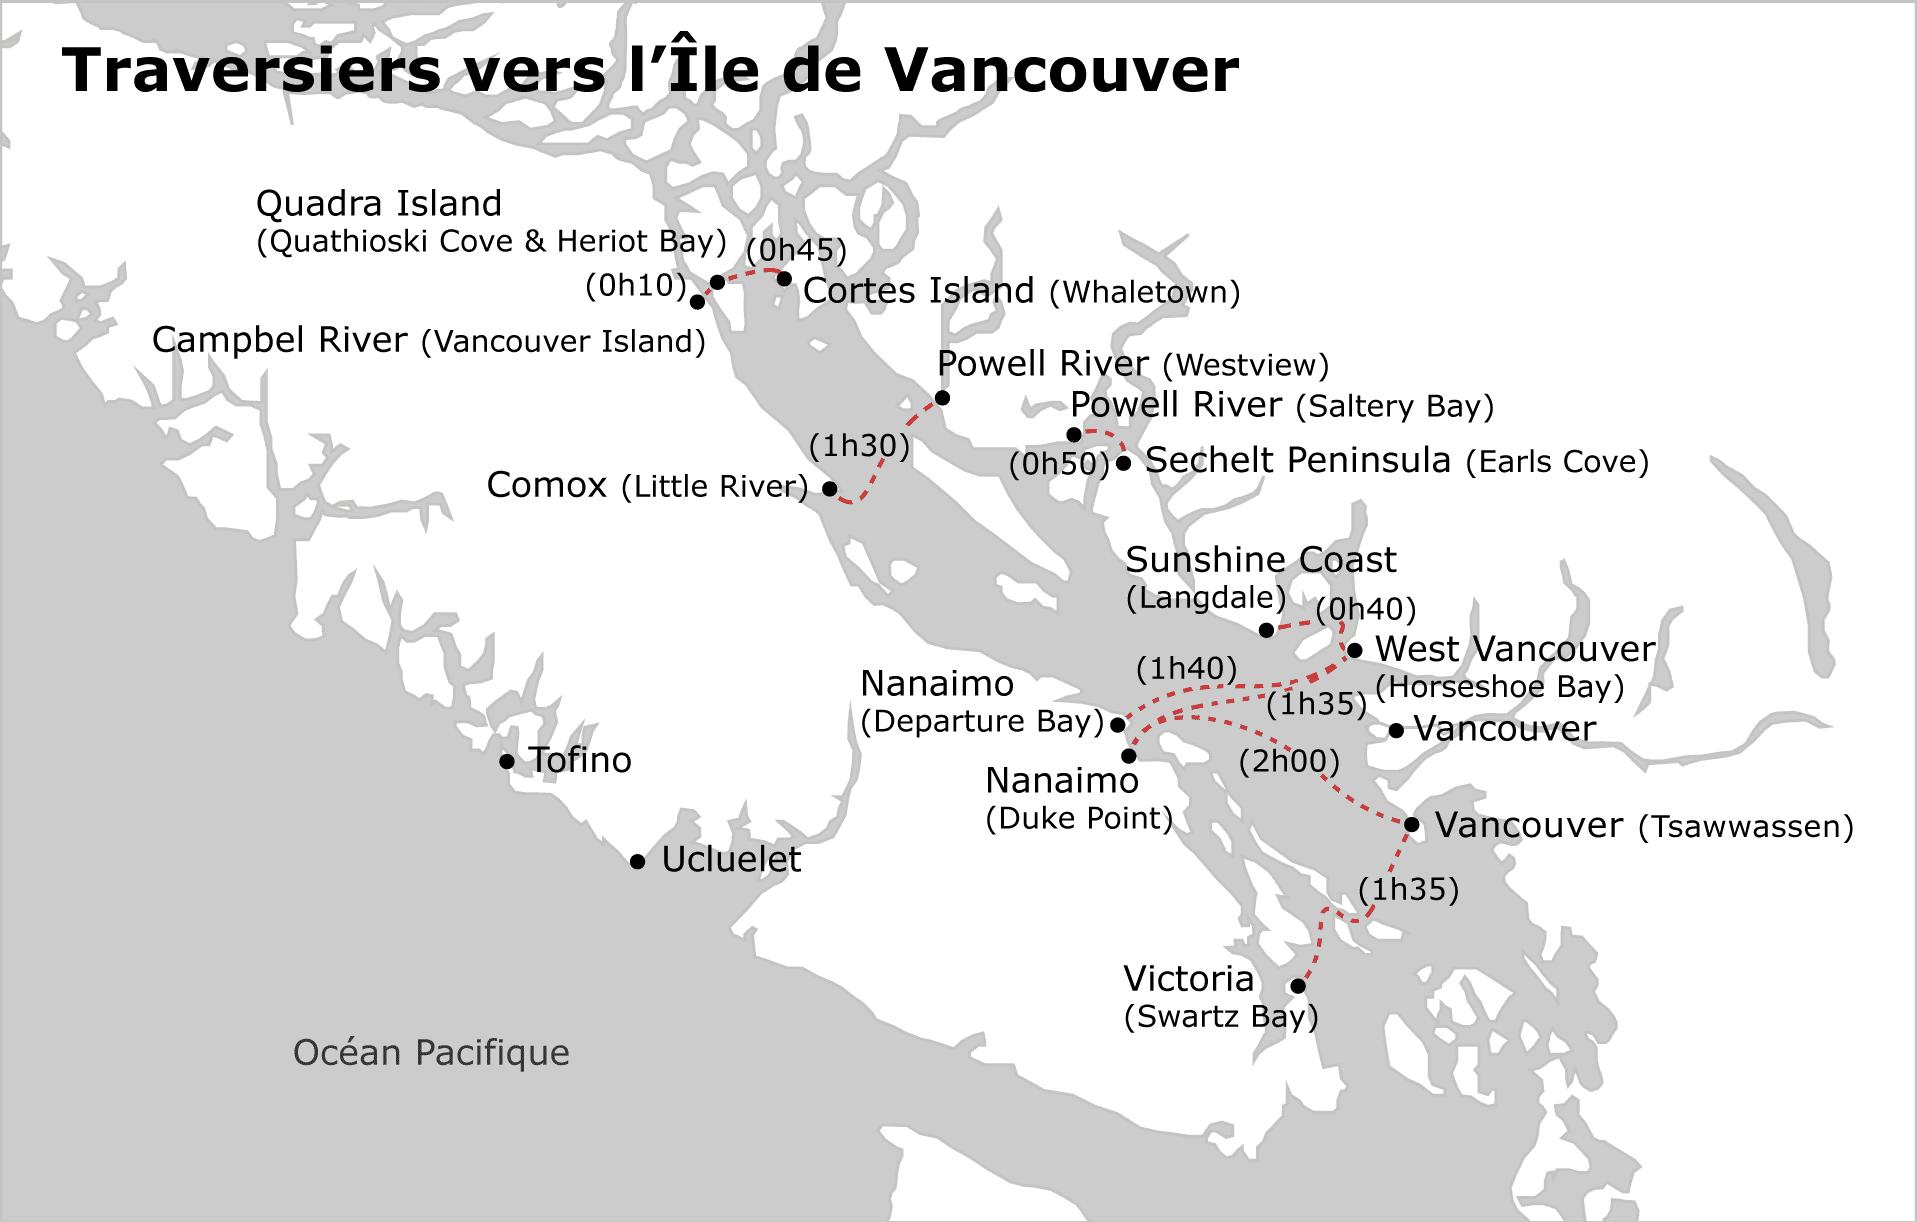 Traversiers vers l'Île de Vancouver